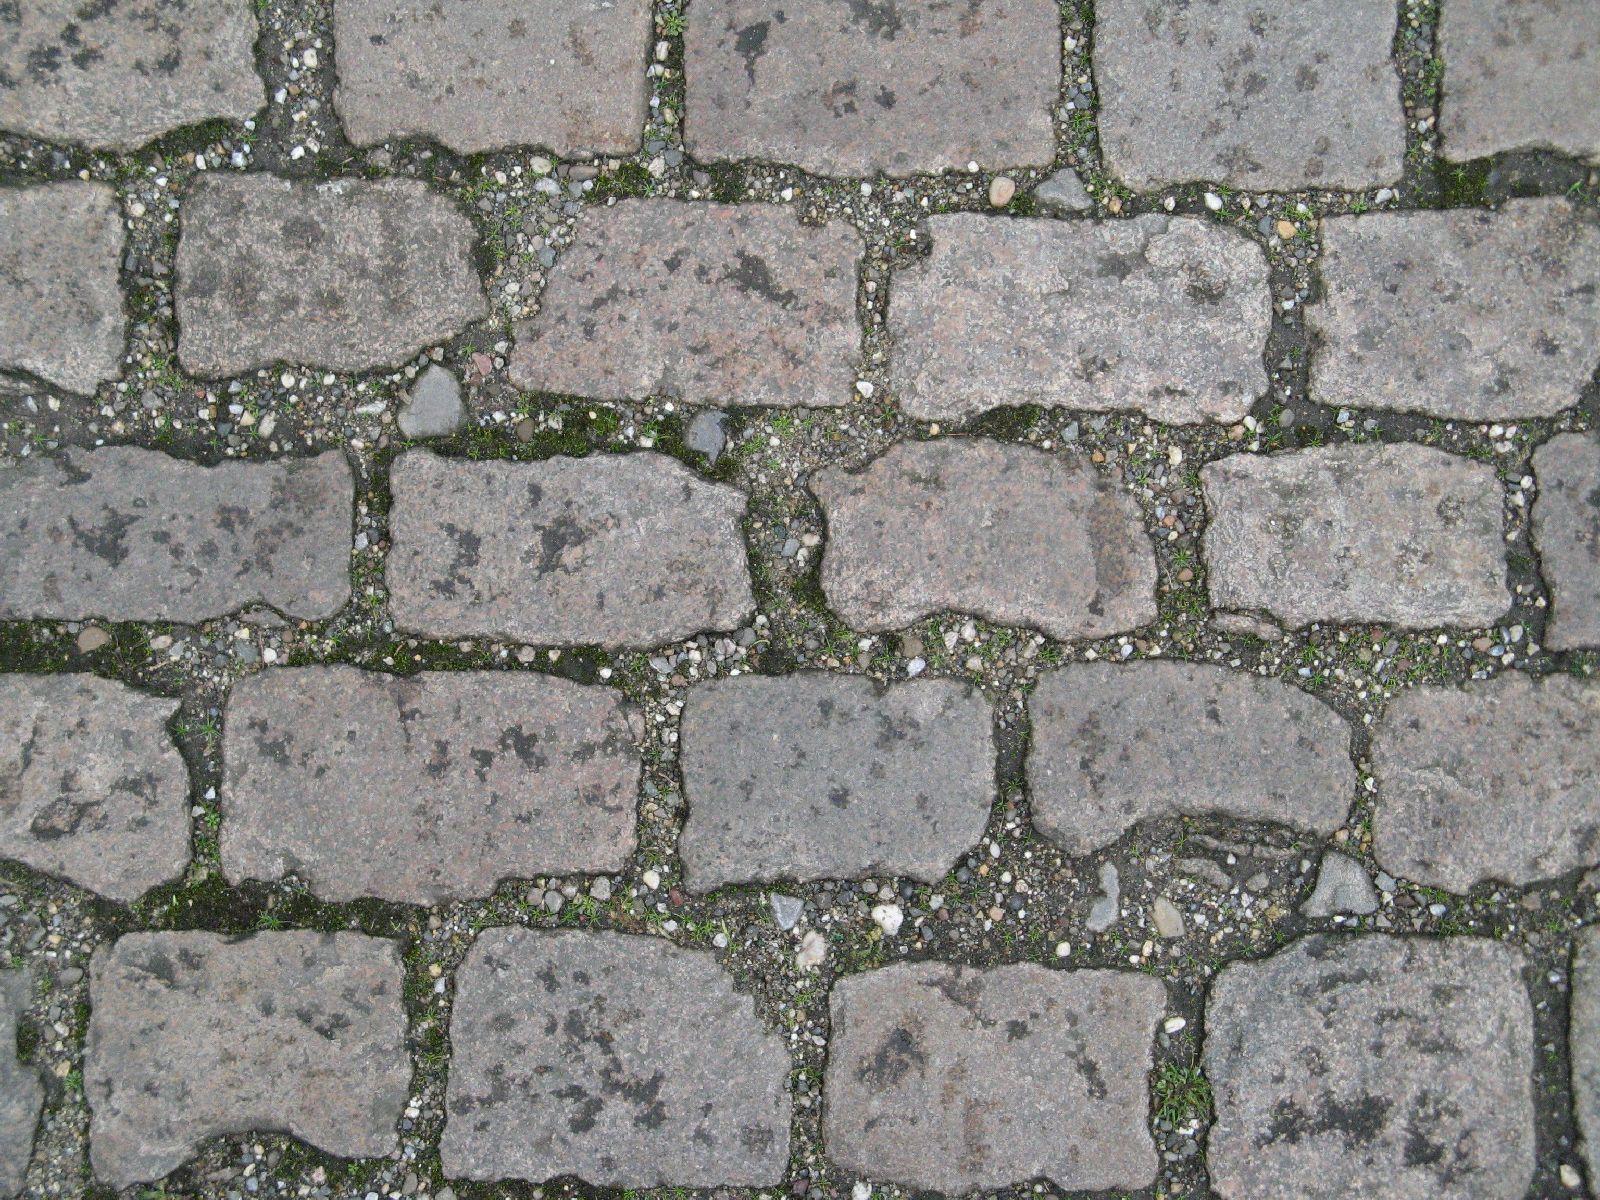 Boden-Gehweg-Strasse-Buergersteig-Textur_B_02054